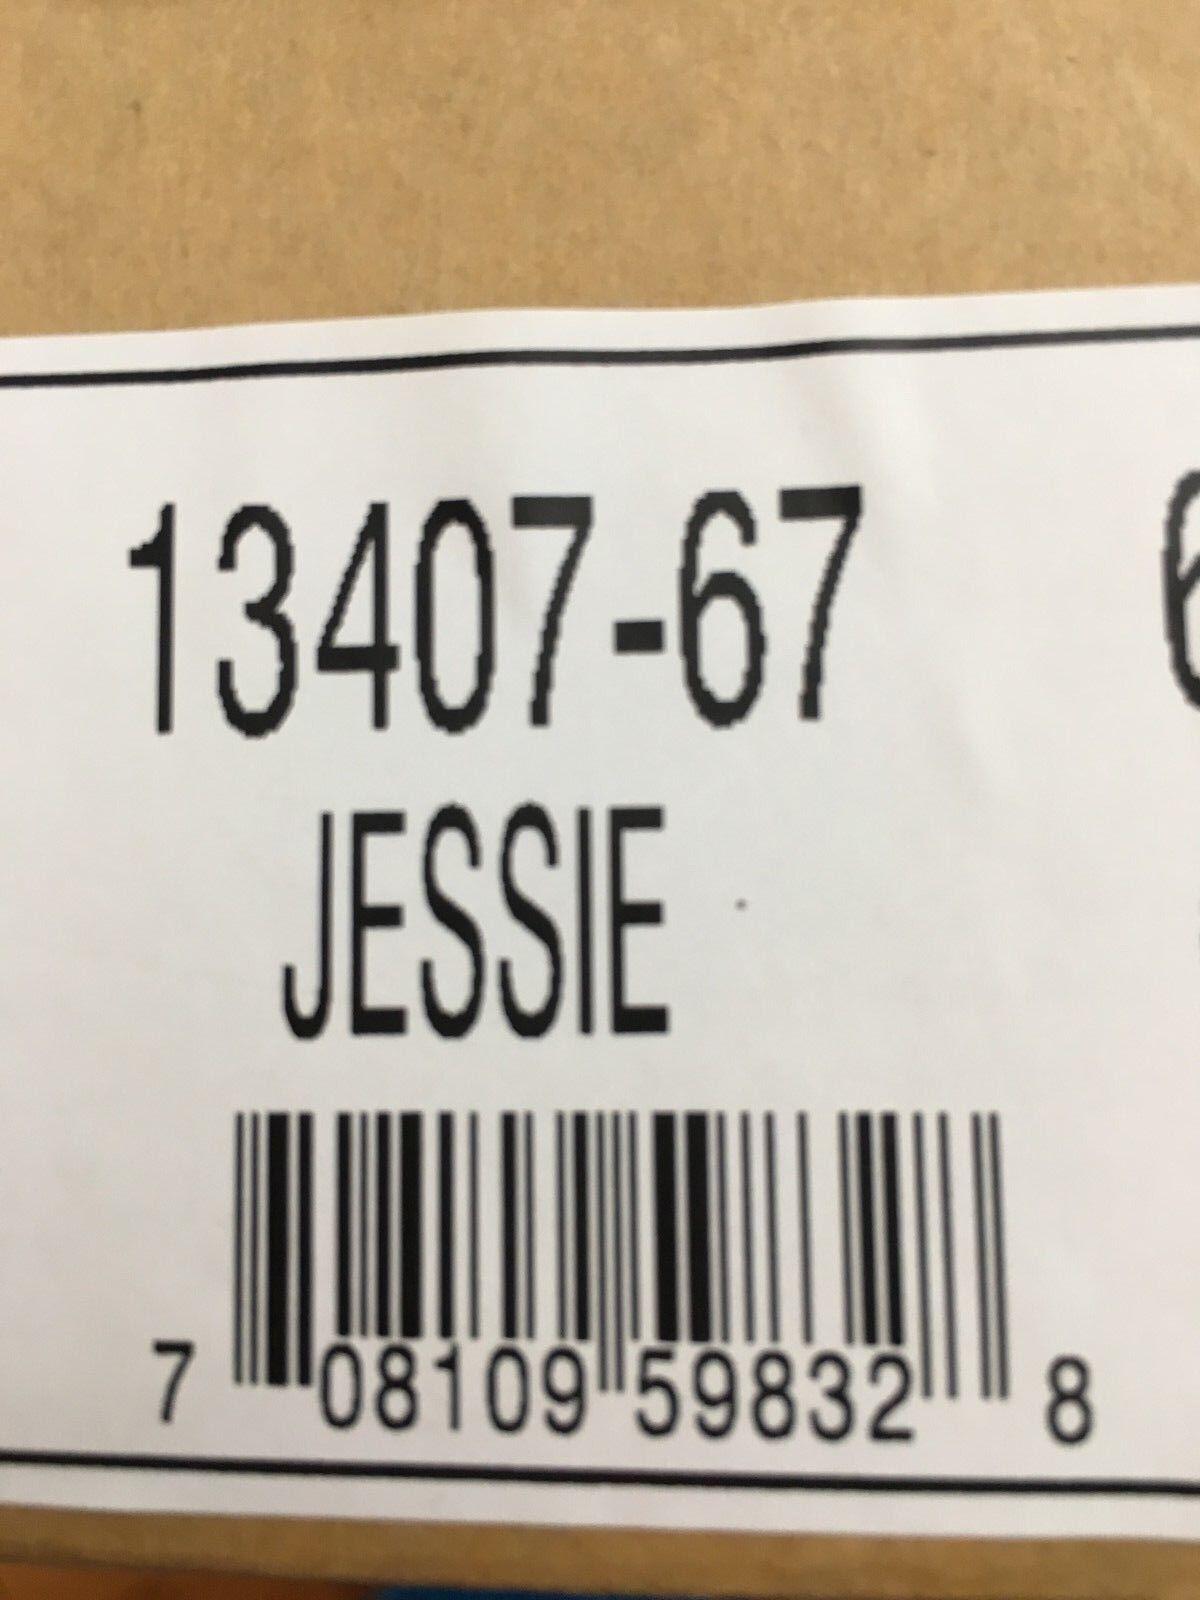 Drew Drew Drew damen Größe 6 W Jessie Chestnut braun Calf Leather Comfort schuhe 13407-67 ae73bf